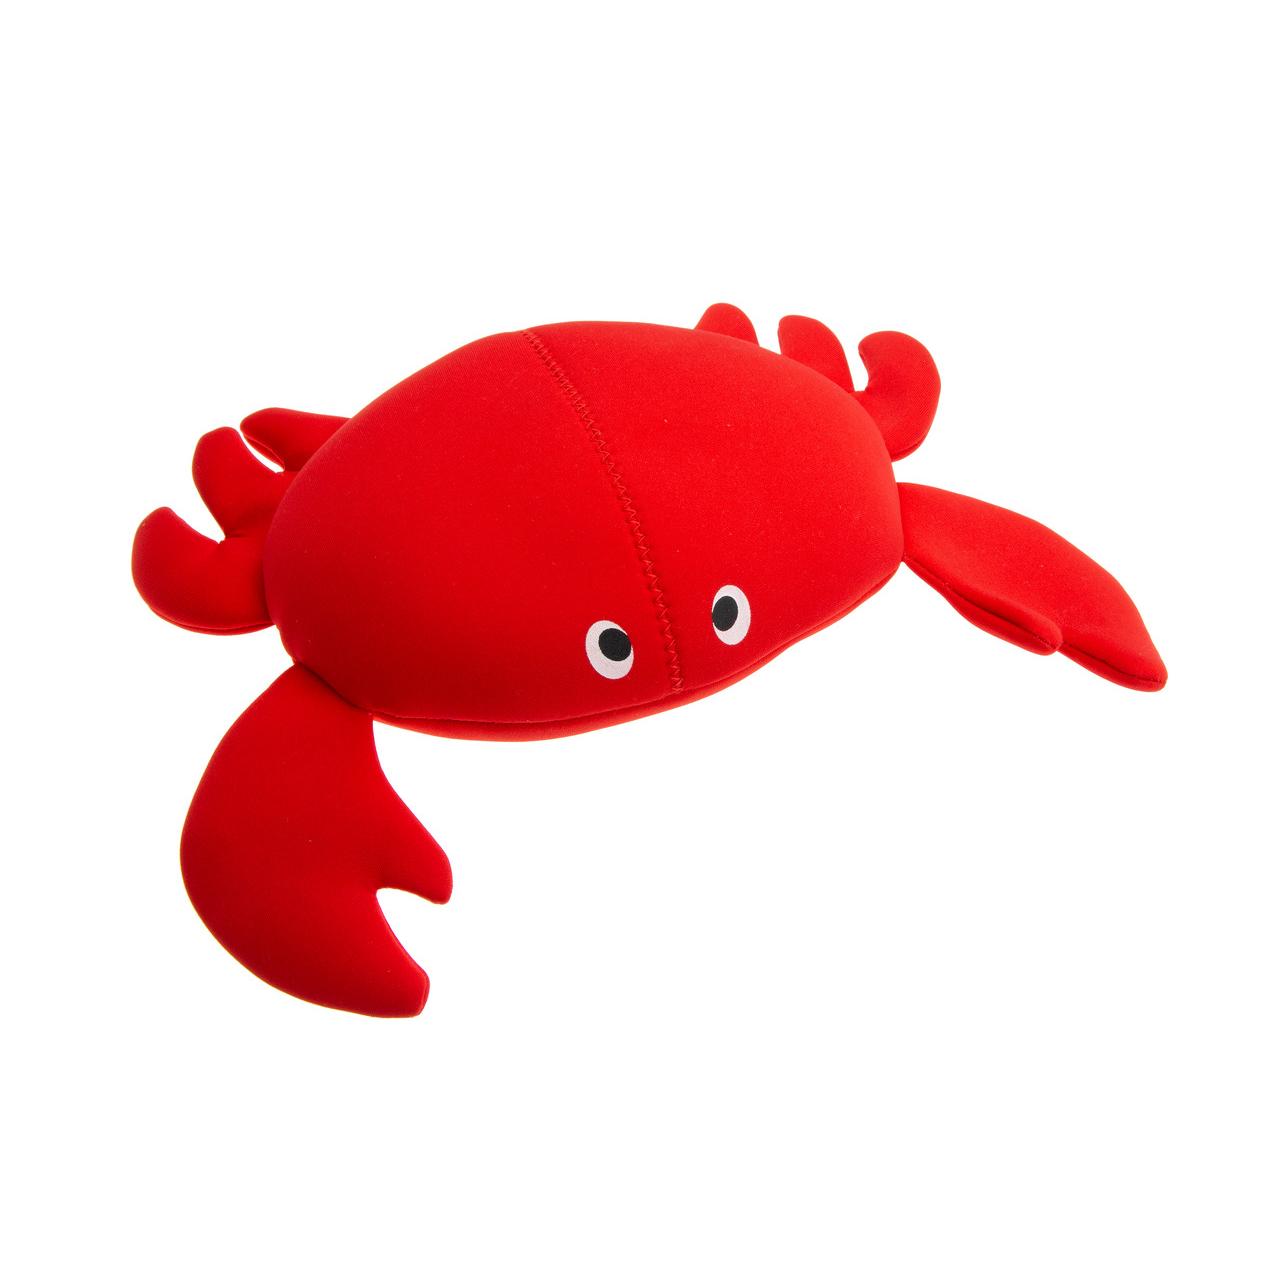 Karlie Wasserspielzeug Hundespielzeug aus Neopren, Crabsy, rot - L: 30 cm B: 23 cm H: 9 cm